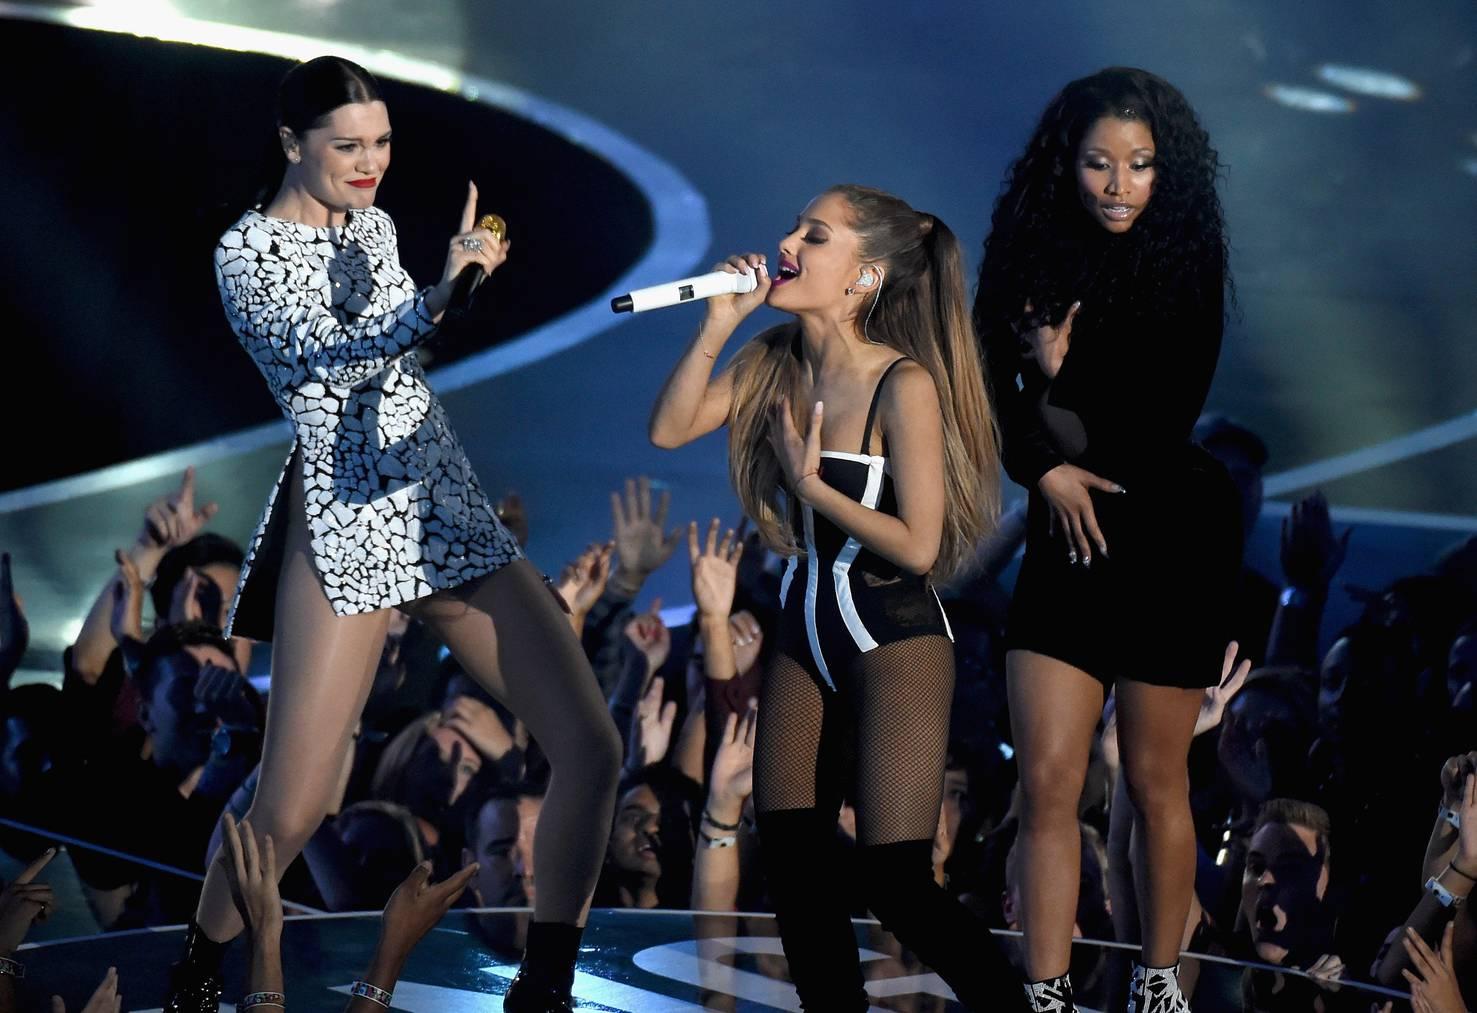 Jessie J, Ariana Grande und Nicki Minaj, die sich ihr Kleid zu hält. (Bild: Getty Images)